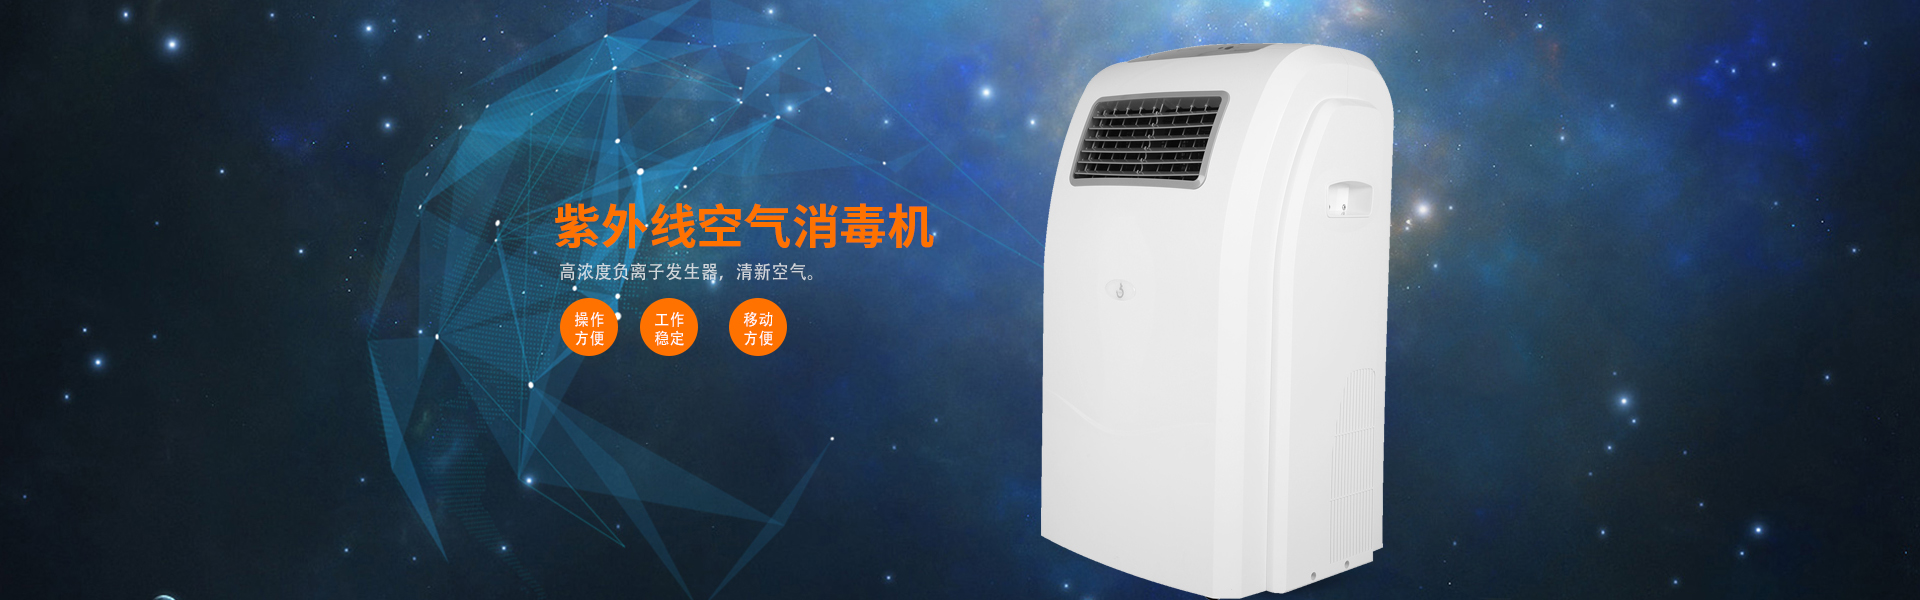 四川净为康消毒设备有限公司